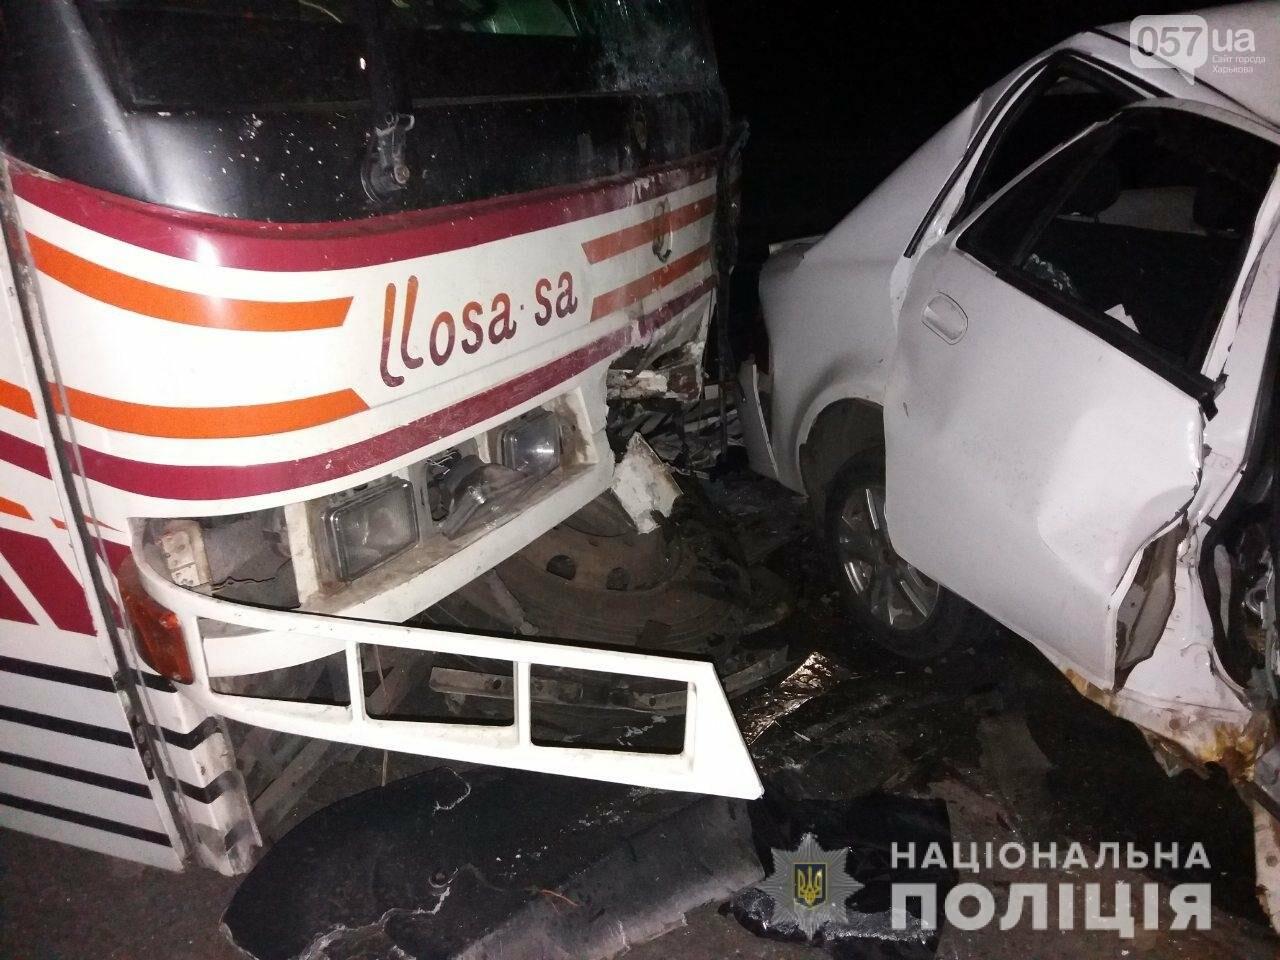 """В Валках - смертельное столкновение """"Geely"""" и пассажирского автобуса. От удара машину разорвало на две части, - ФОТО, фото-1"""